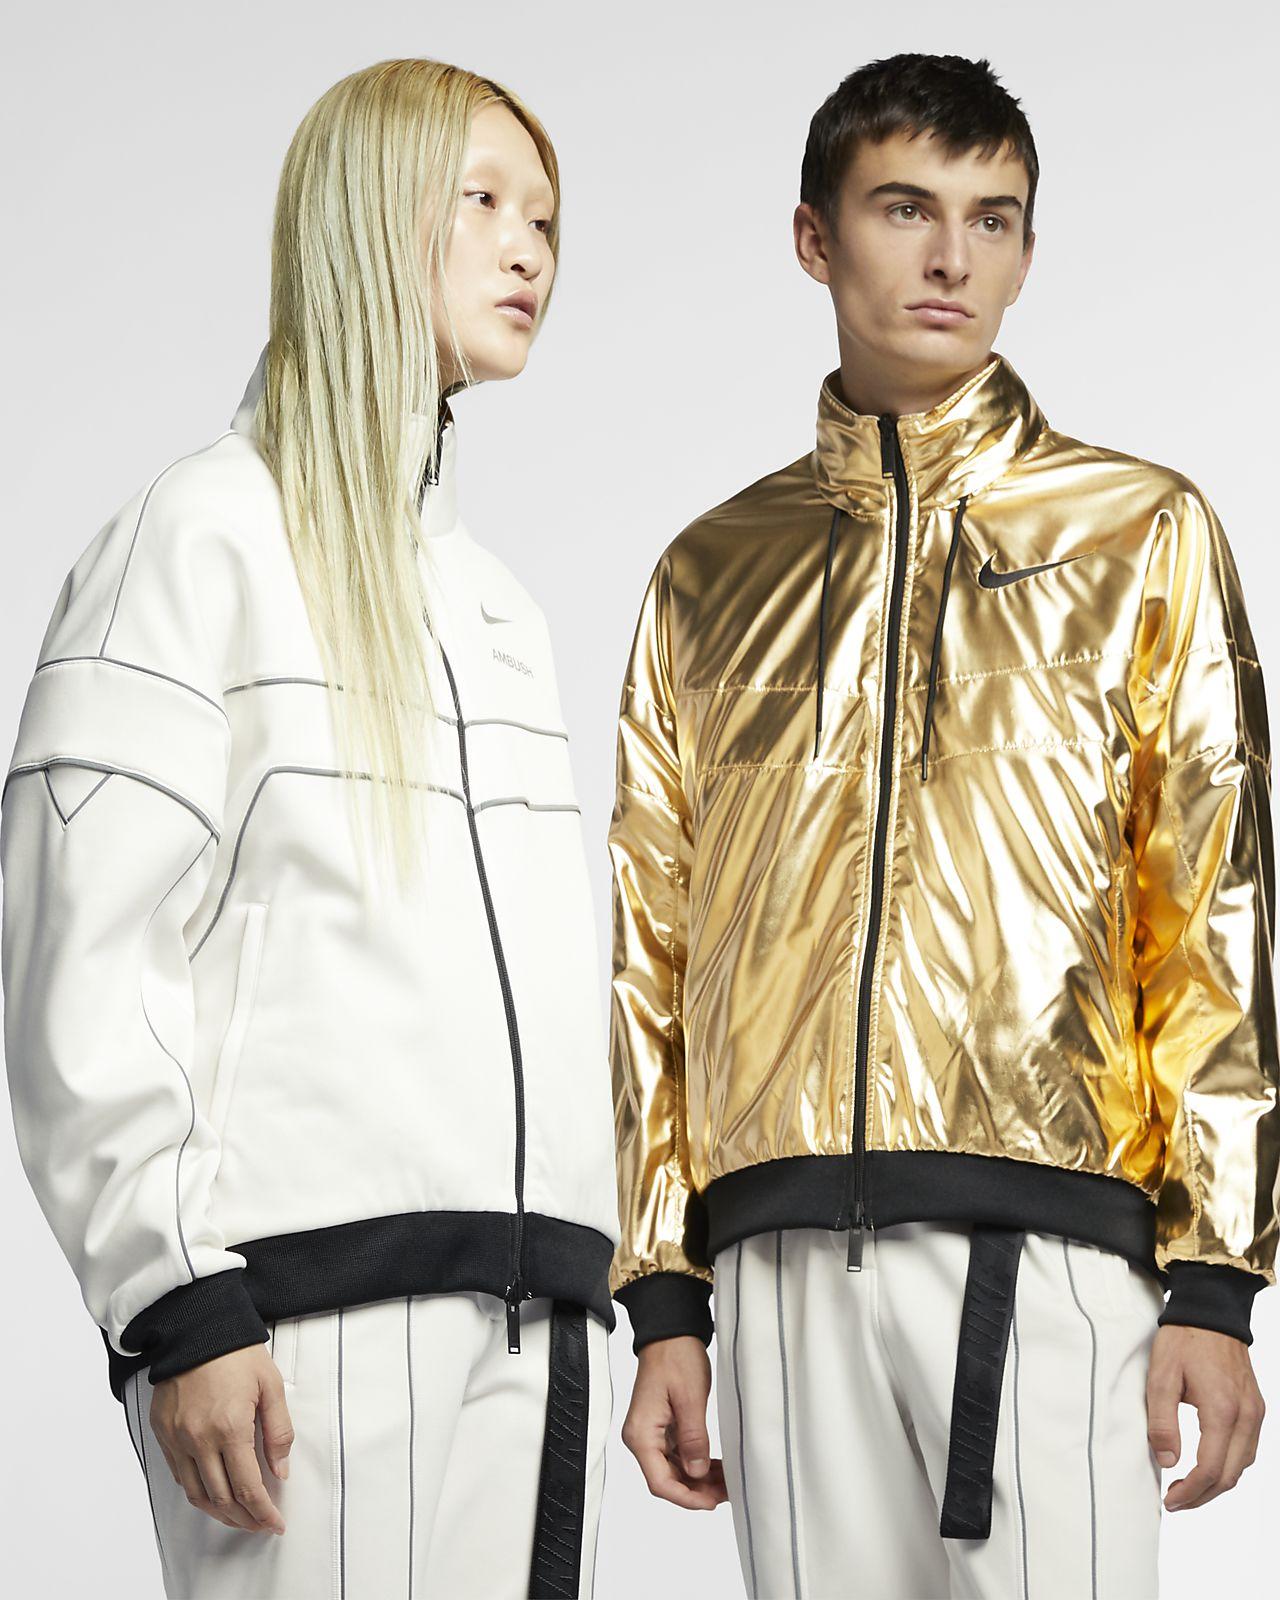 เสื้อแจ็คเก็ตผู้หญิงใส่ได้สองด้าน Nike x Ambush